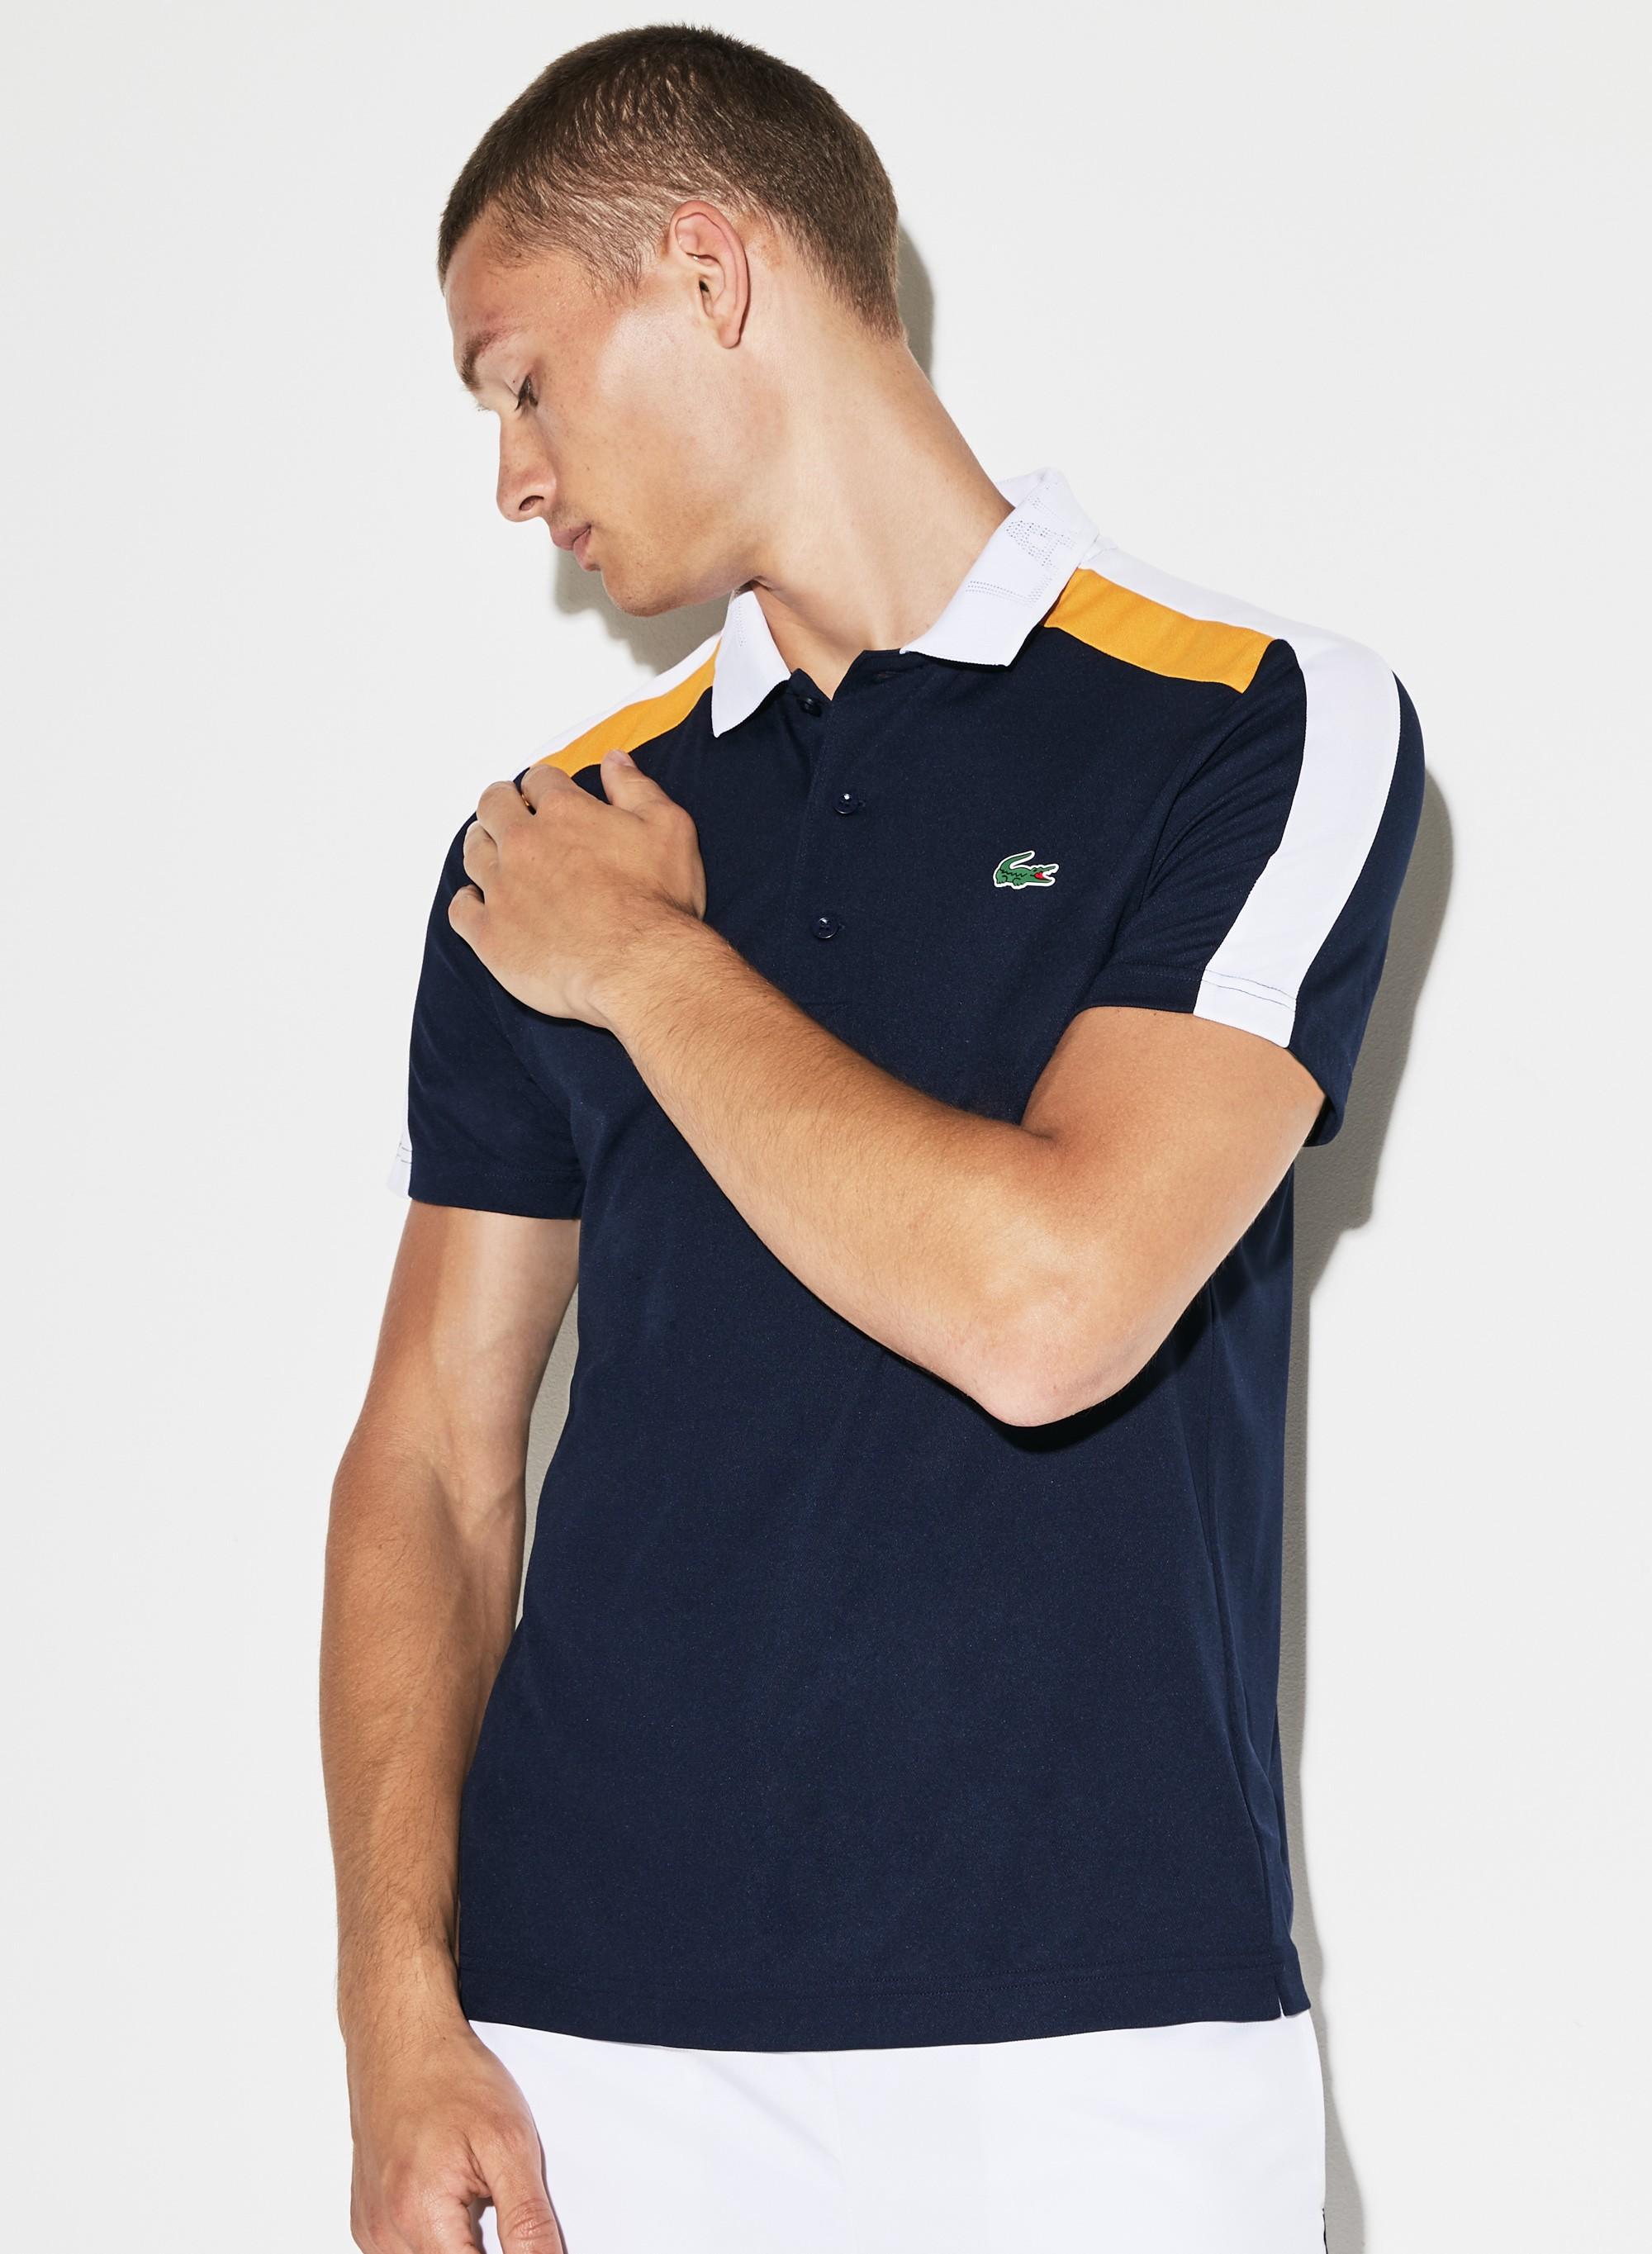 be56a2348e Lacoste Men's Sport Contrast Band Technical Piqué Tennis Polo - Navy  Blue/White-Pomelo 4Xl Green